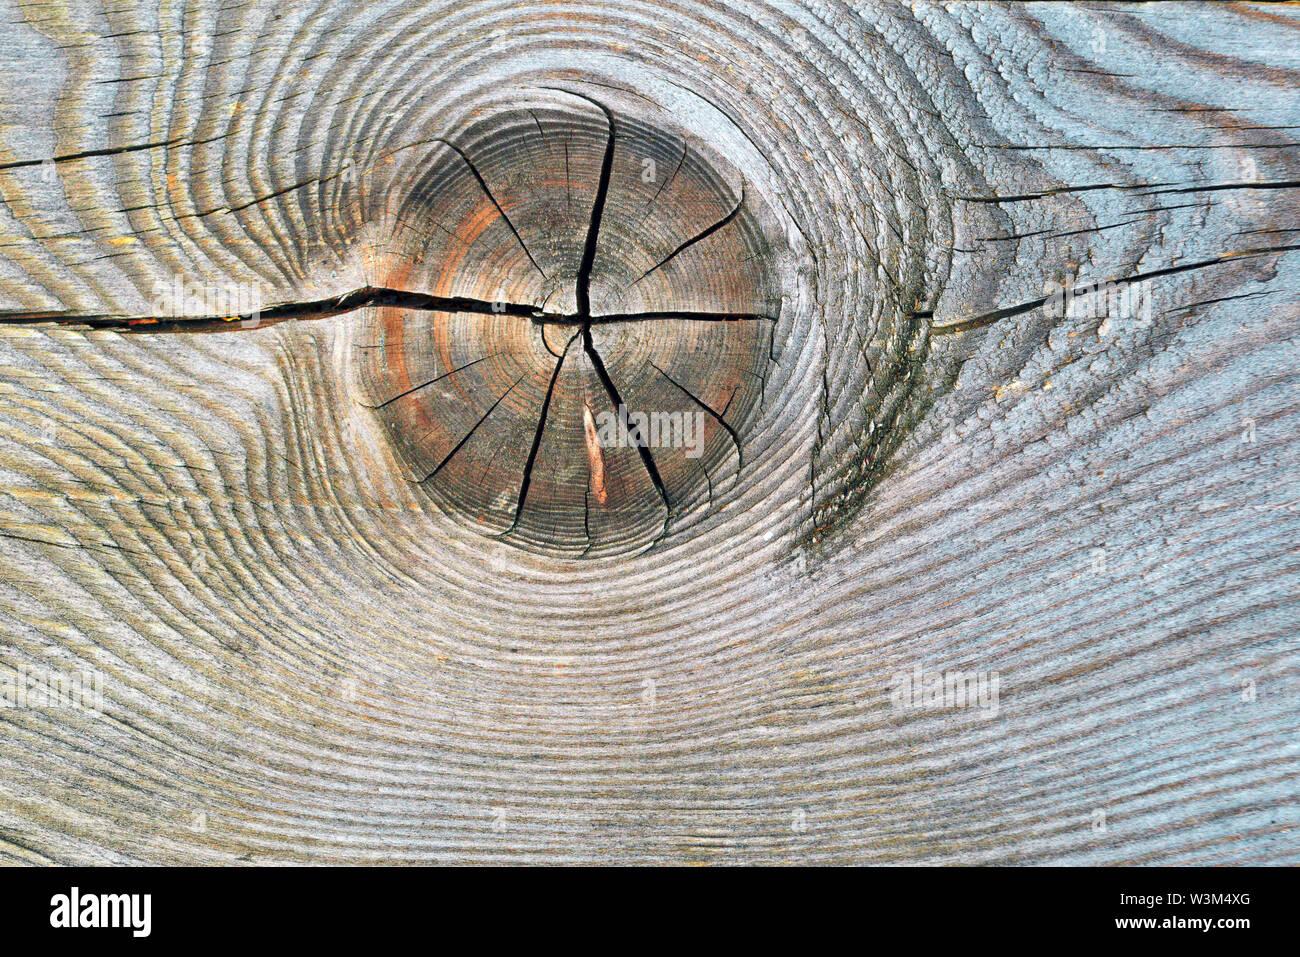 La texture de la tranche de la vieille souche pourrie avec des fissures et des cernes. Banque D'Images